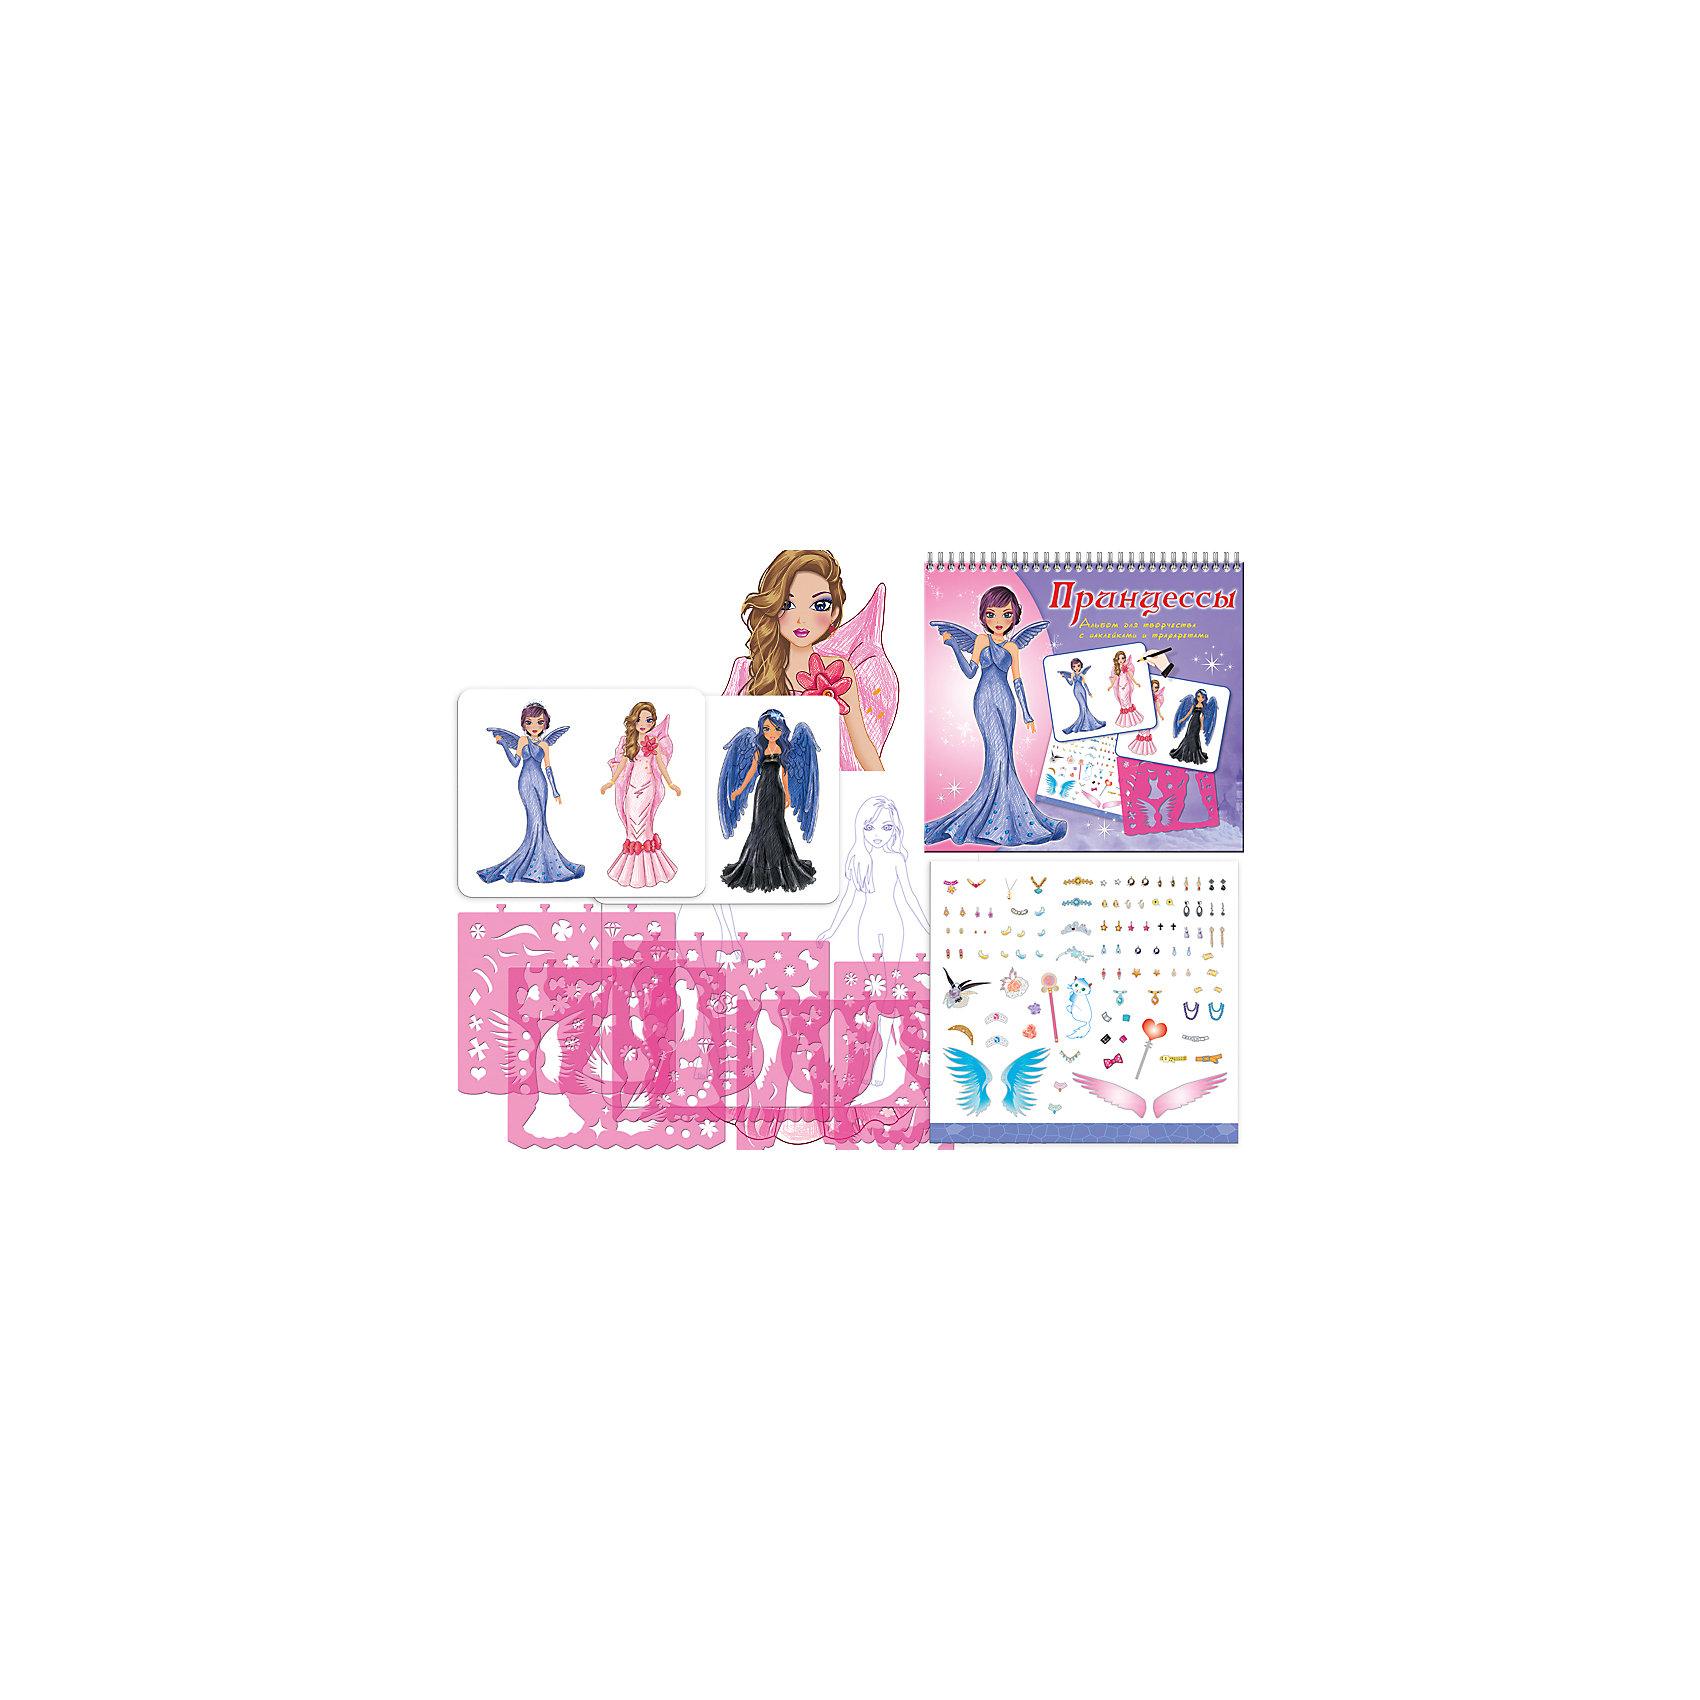 TUKZAR Альбом для творчества Принцессы, с трафаретами и наклейками санни модный дизайн альбом для творчества